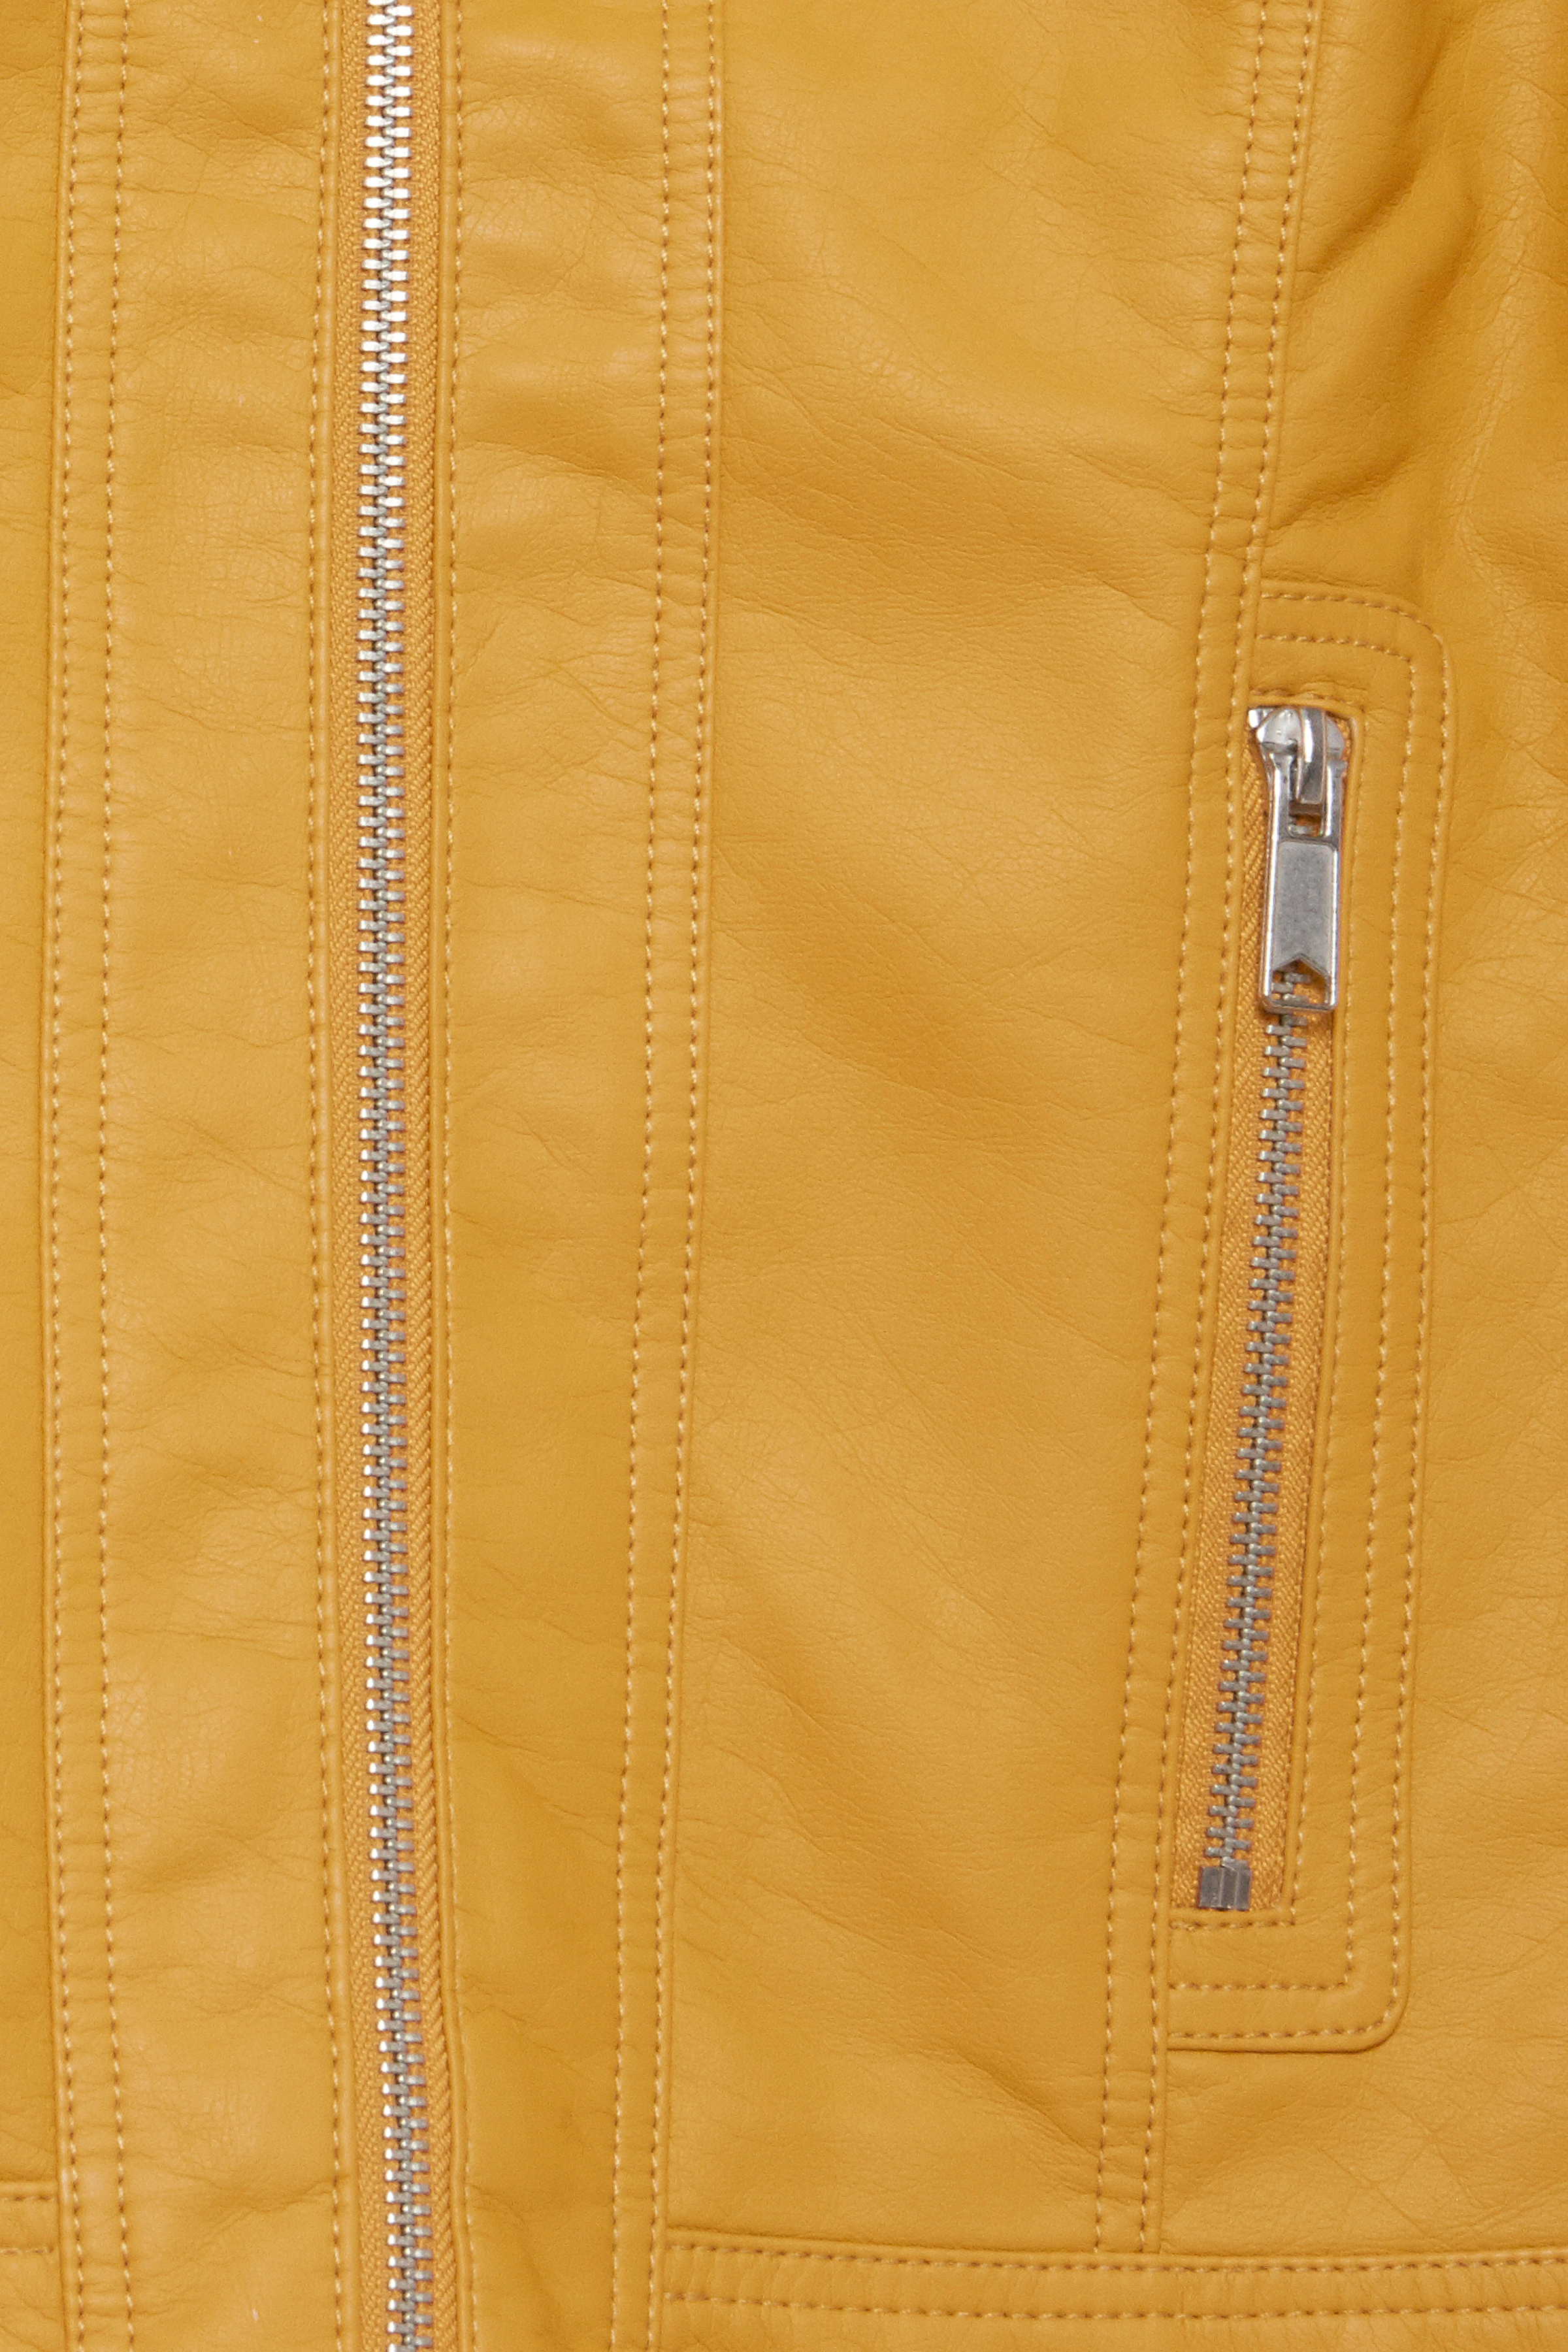 Ochre Yellow Jakke fra b.young - Kjøp Ochre Yellow Jakke fra størrelse 34-46 her